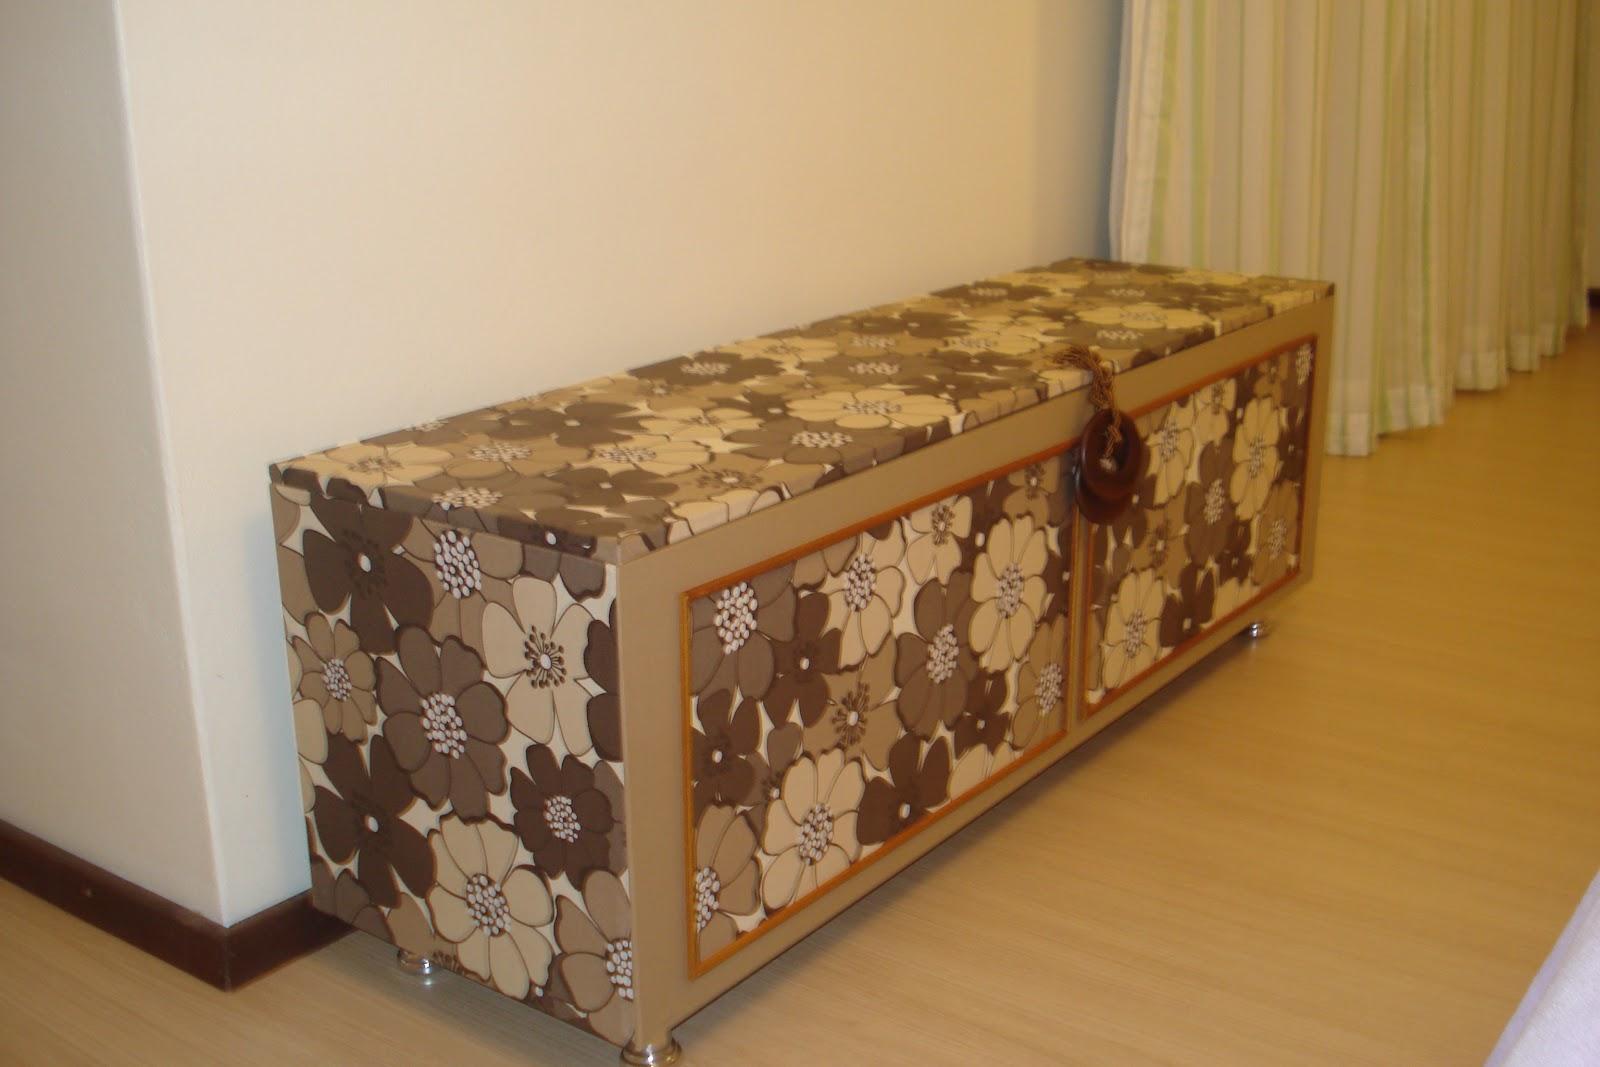 está no meu quarto combinando com a tonalidade do piso de madeira #6C4424 1600x1067